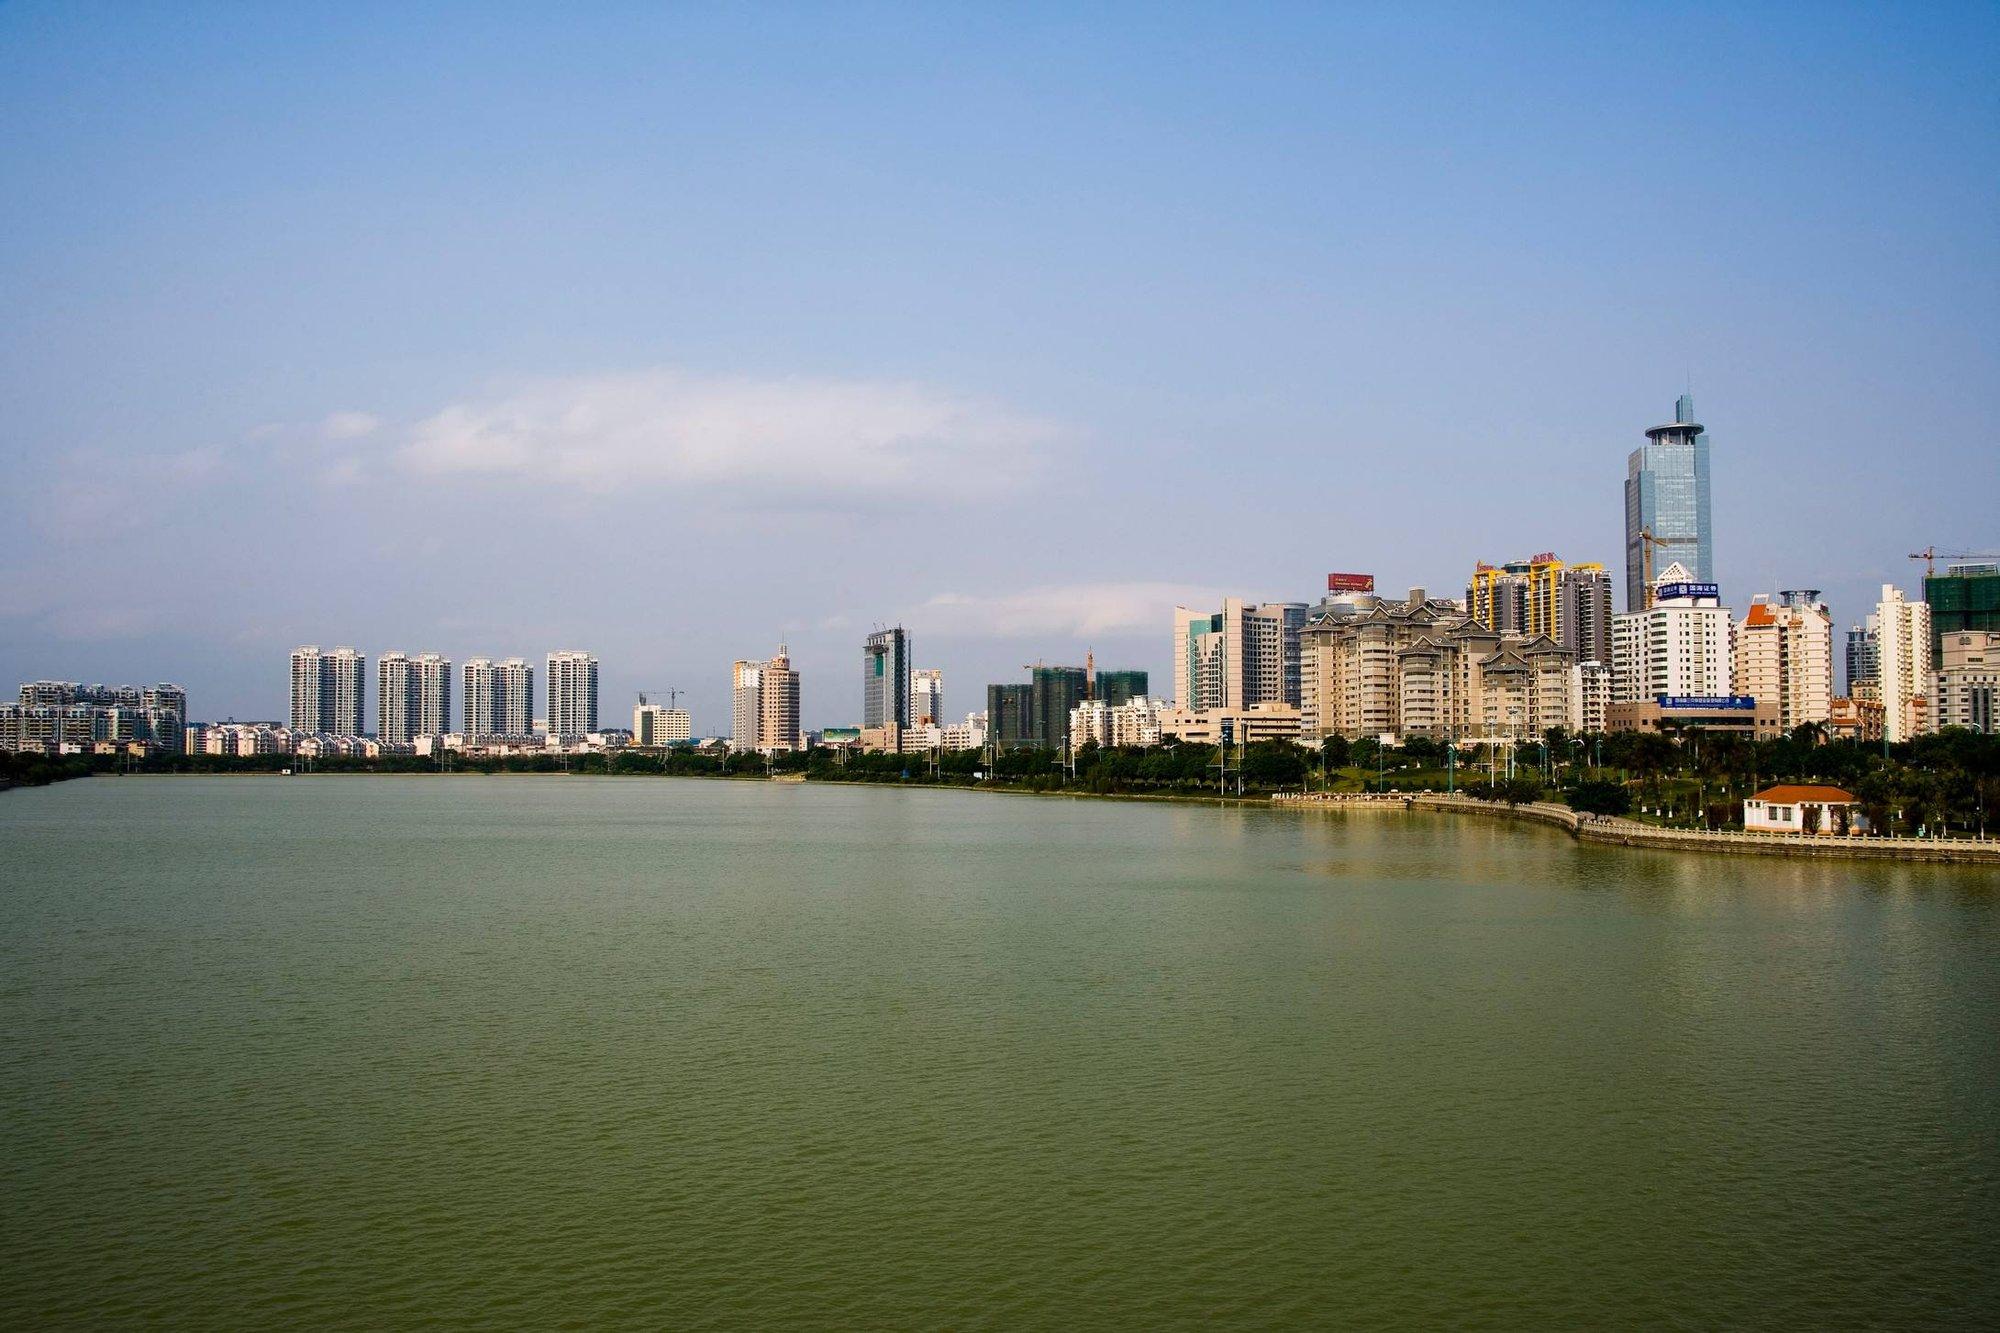 南宁发挥核心城市作用促珠江-西江经济带开放发展